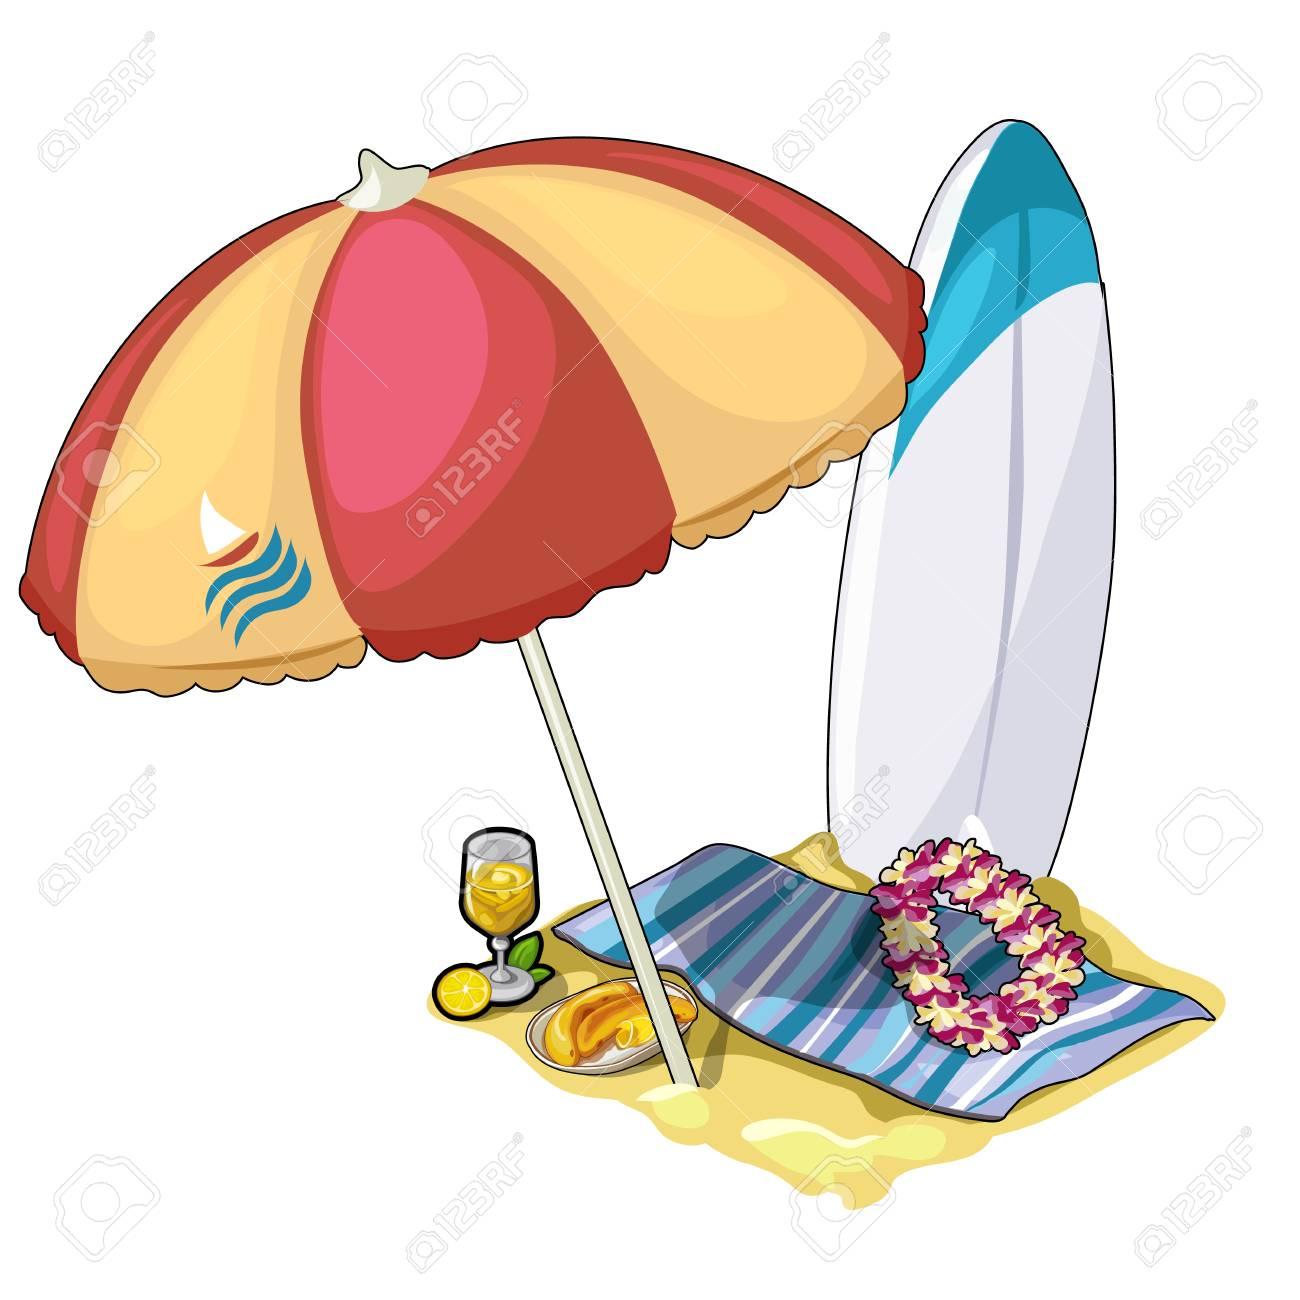 Sonnenschirm strand clipart  Strand Für Aktive Erholung Mit Sonnenschirm, Handtuch Und Surf ...